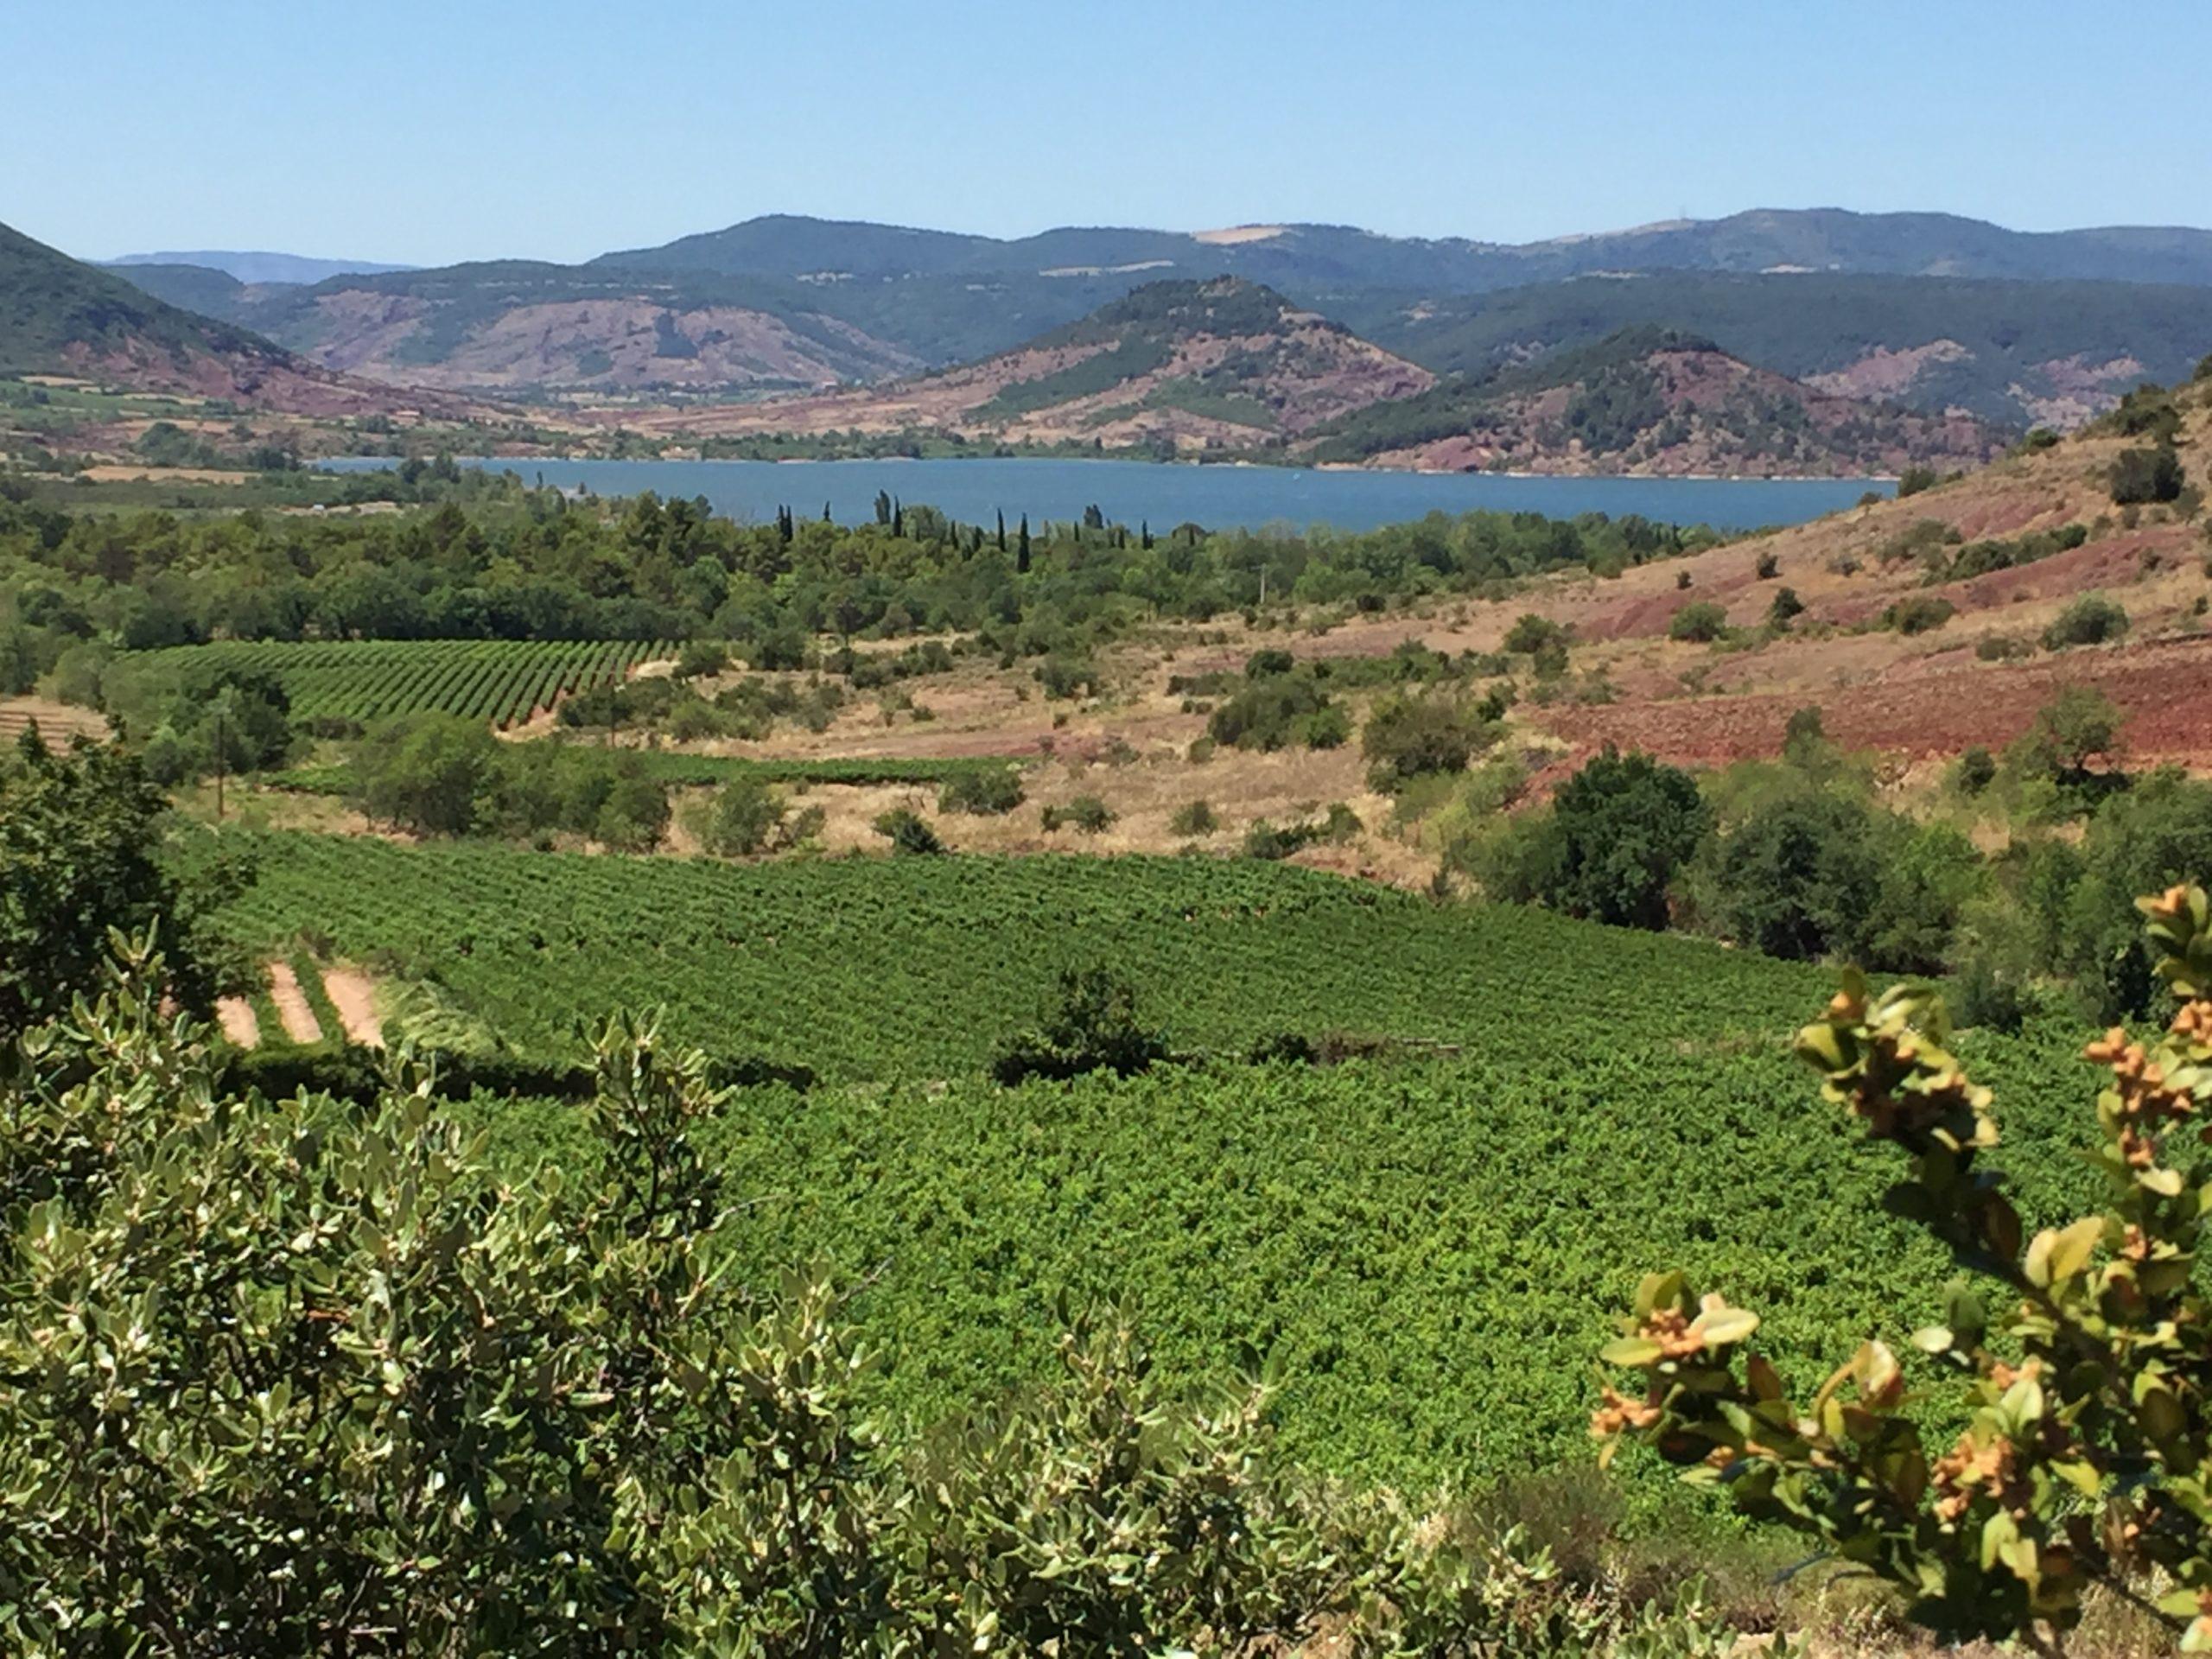 Vigne et eau. Vignobles et ruffe du Salagou, lac artificiel pour le tourisme et l'irrigation